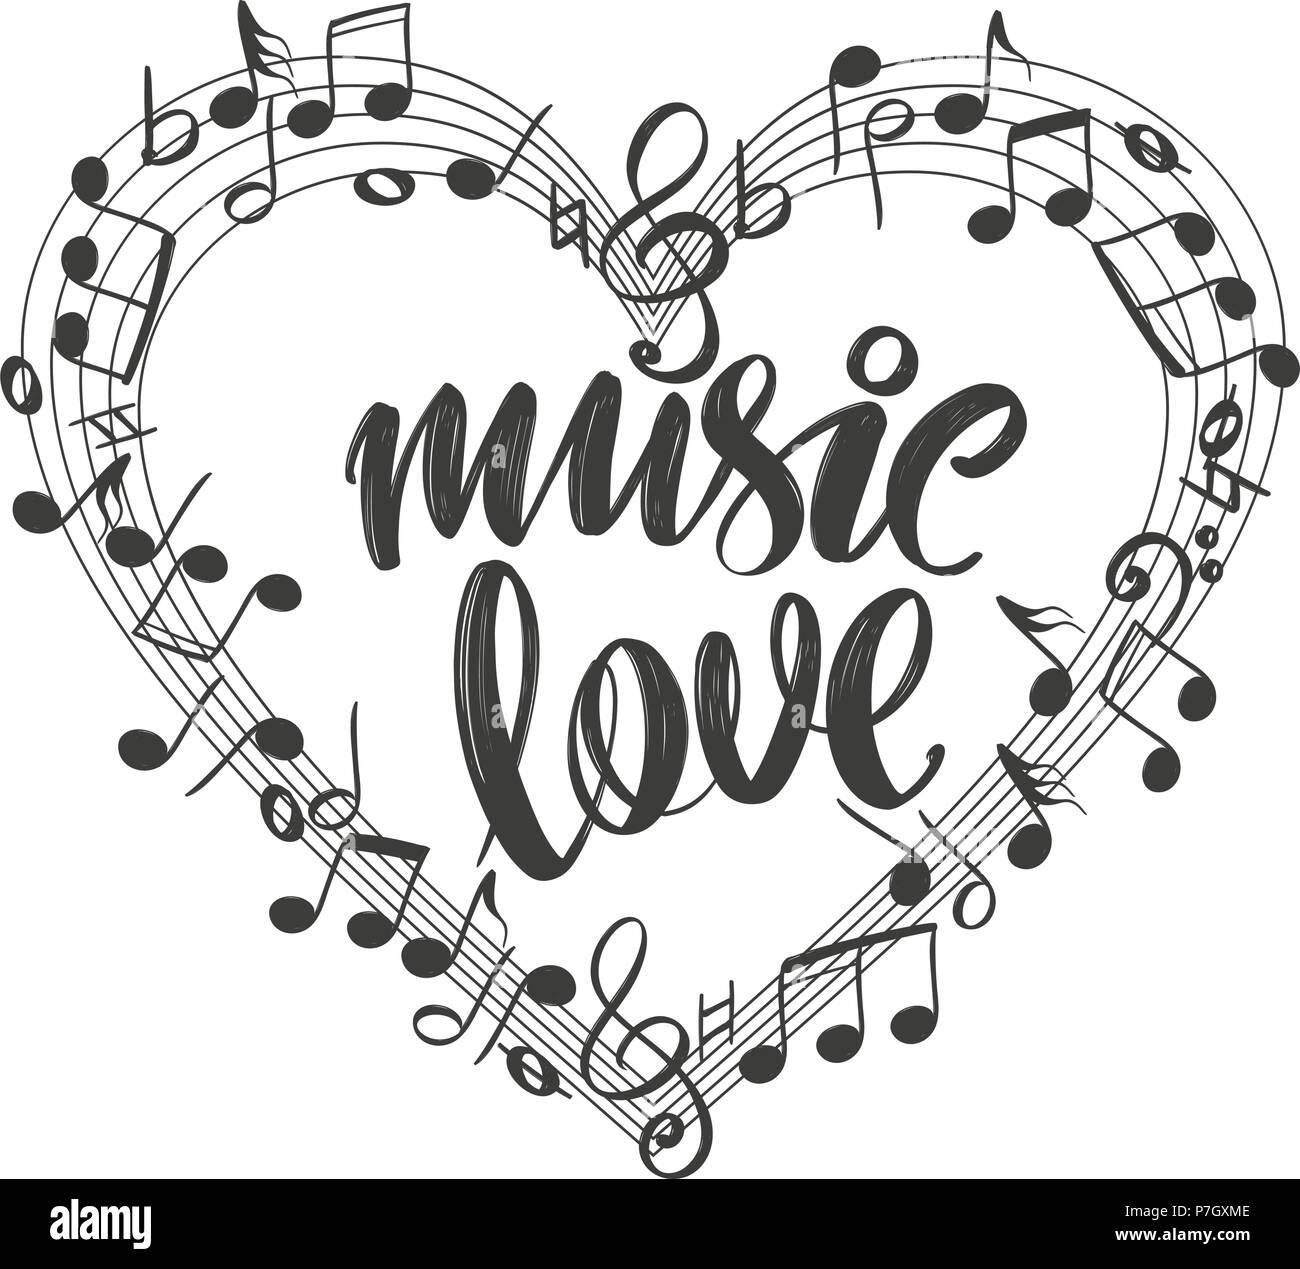 Las Notas Musicales En La Forma De Un Icono Con Forma De Corazón De